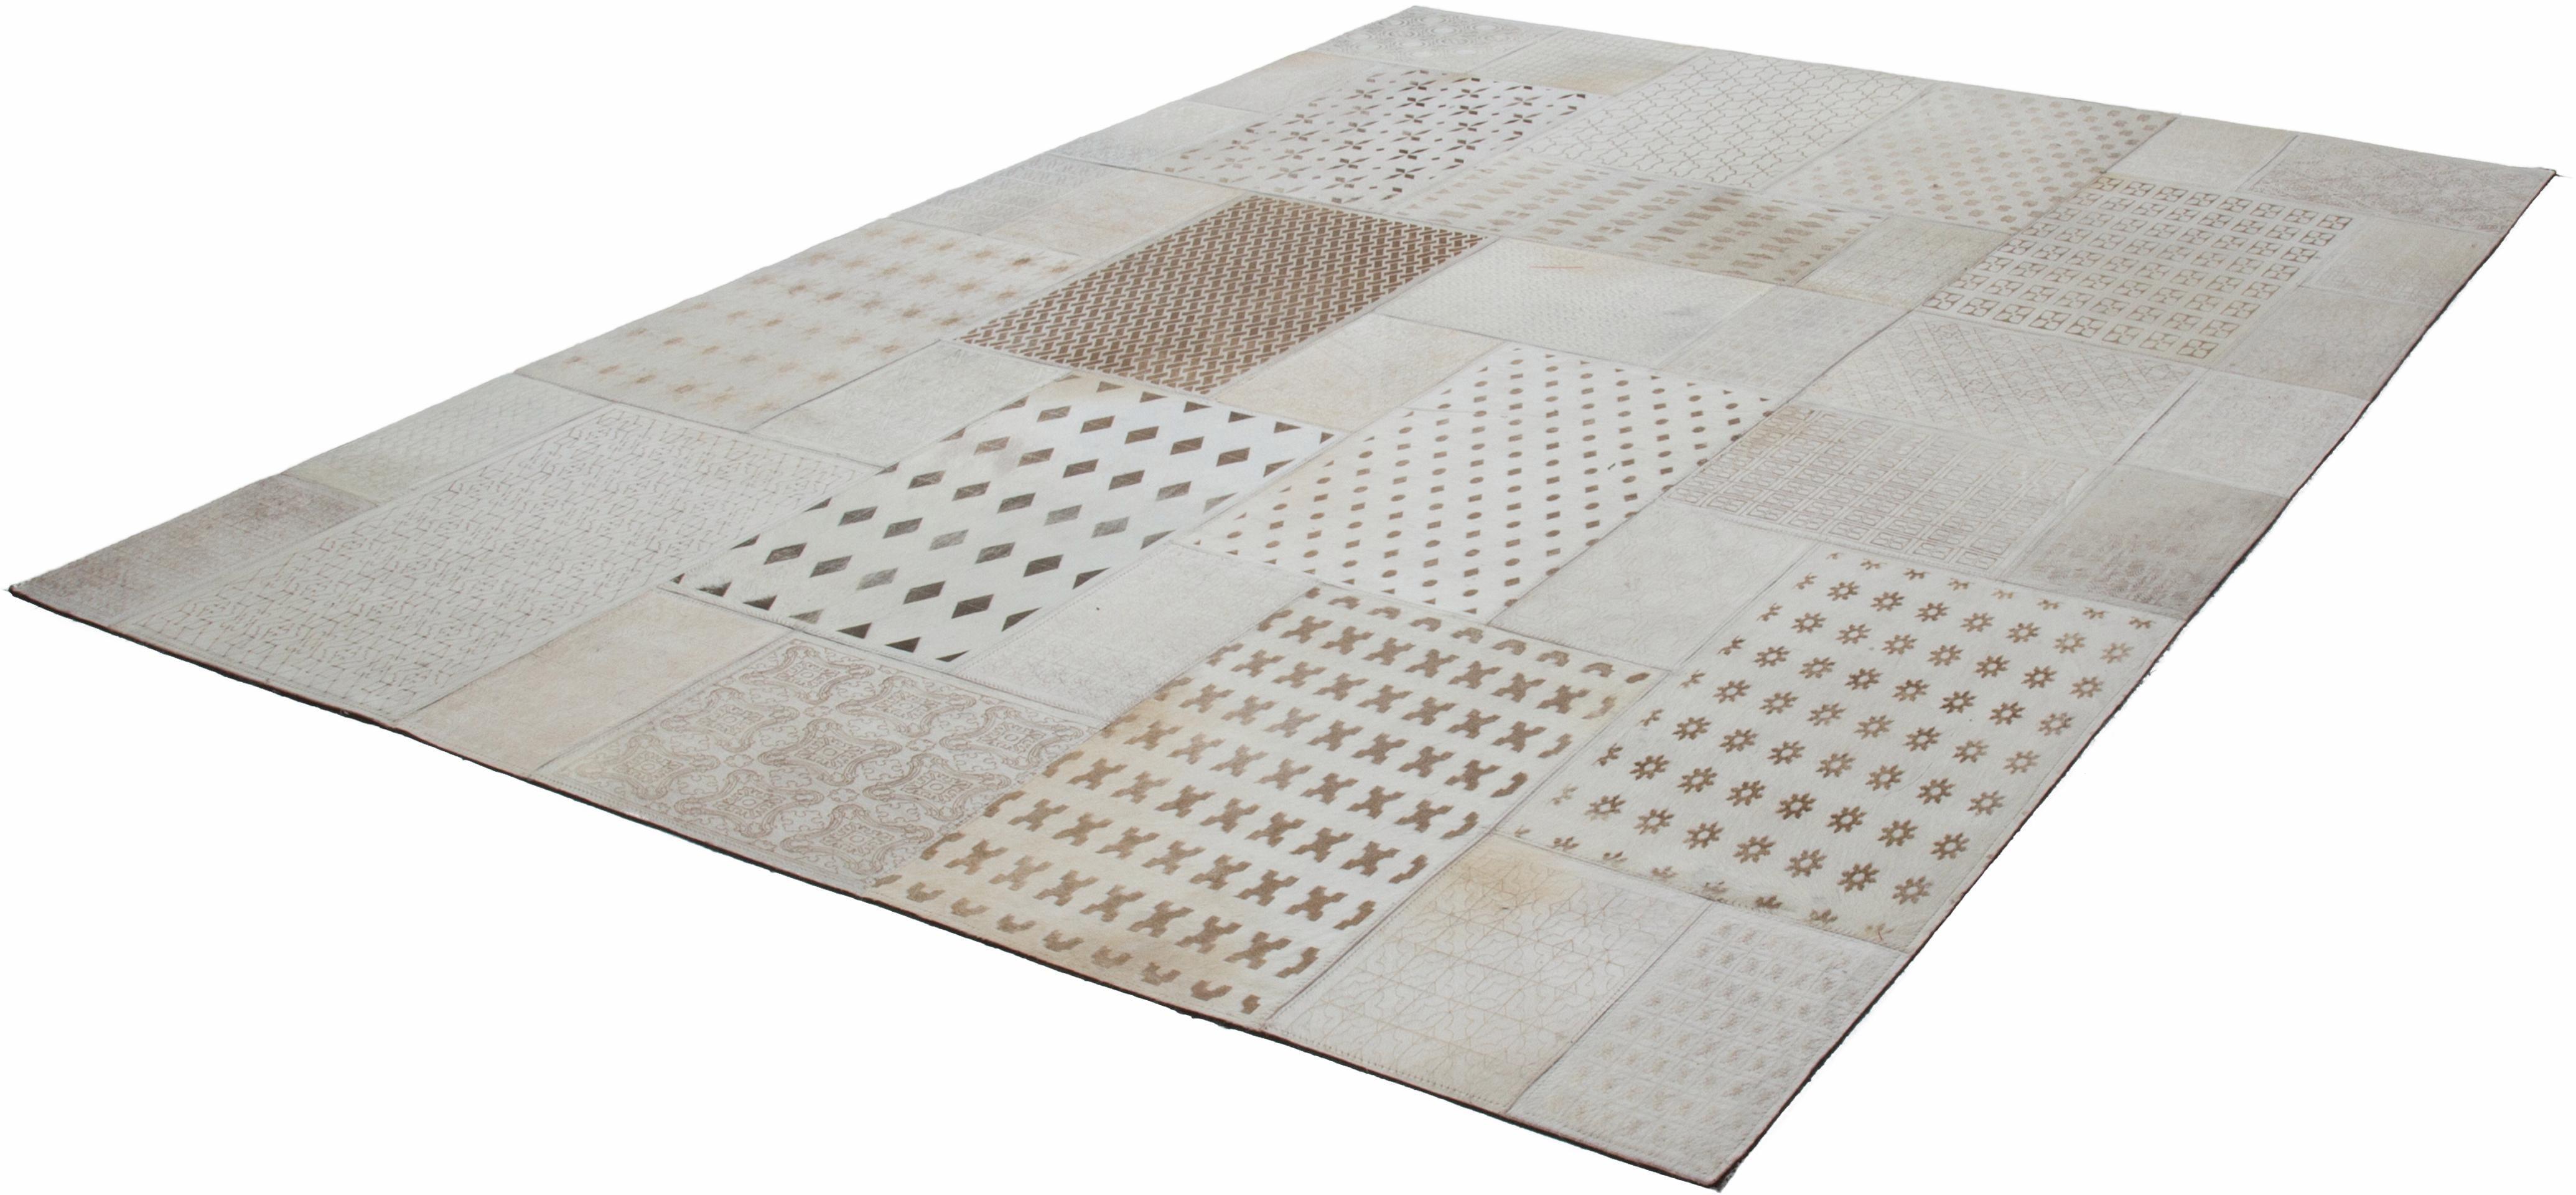 Fellteppich Gleam 560 Kayoom rechteckig Höhe 10 mm handgewebt